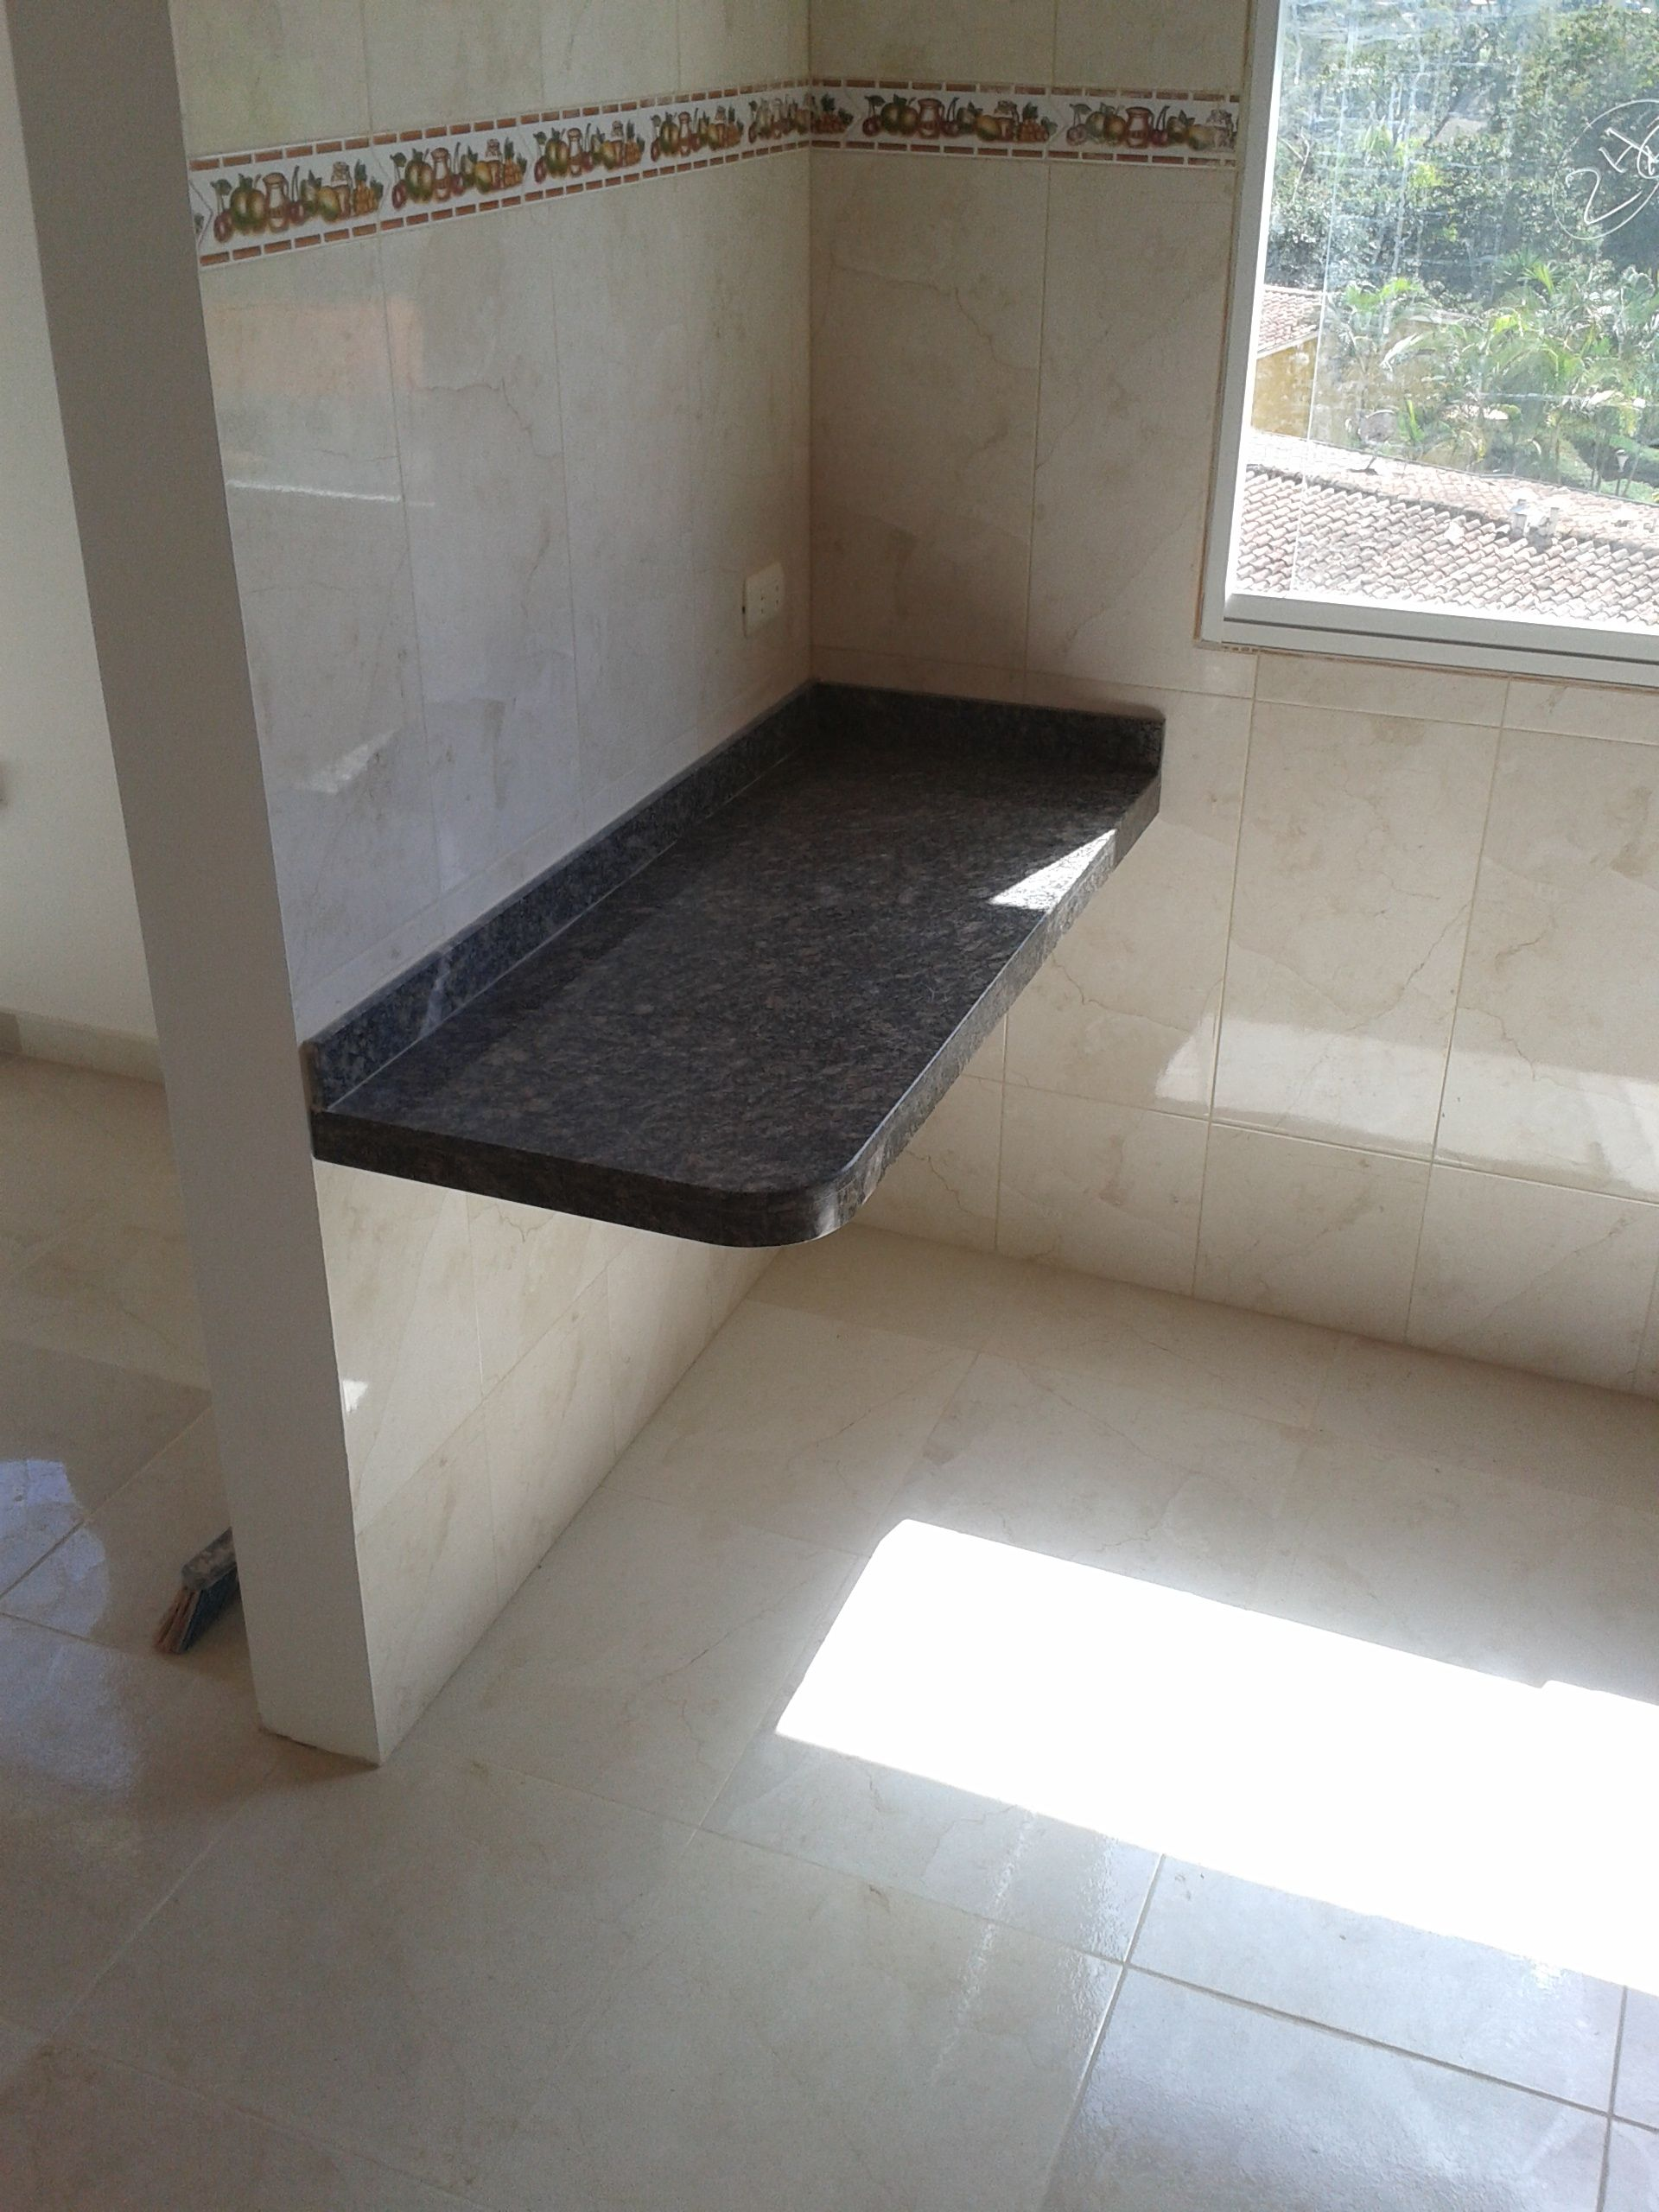 Mes n a reo con base de concreto armado y tope de granito for Armado de cocinas